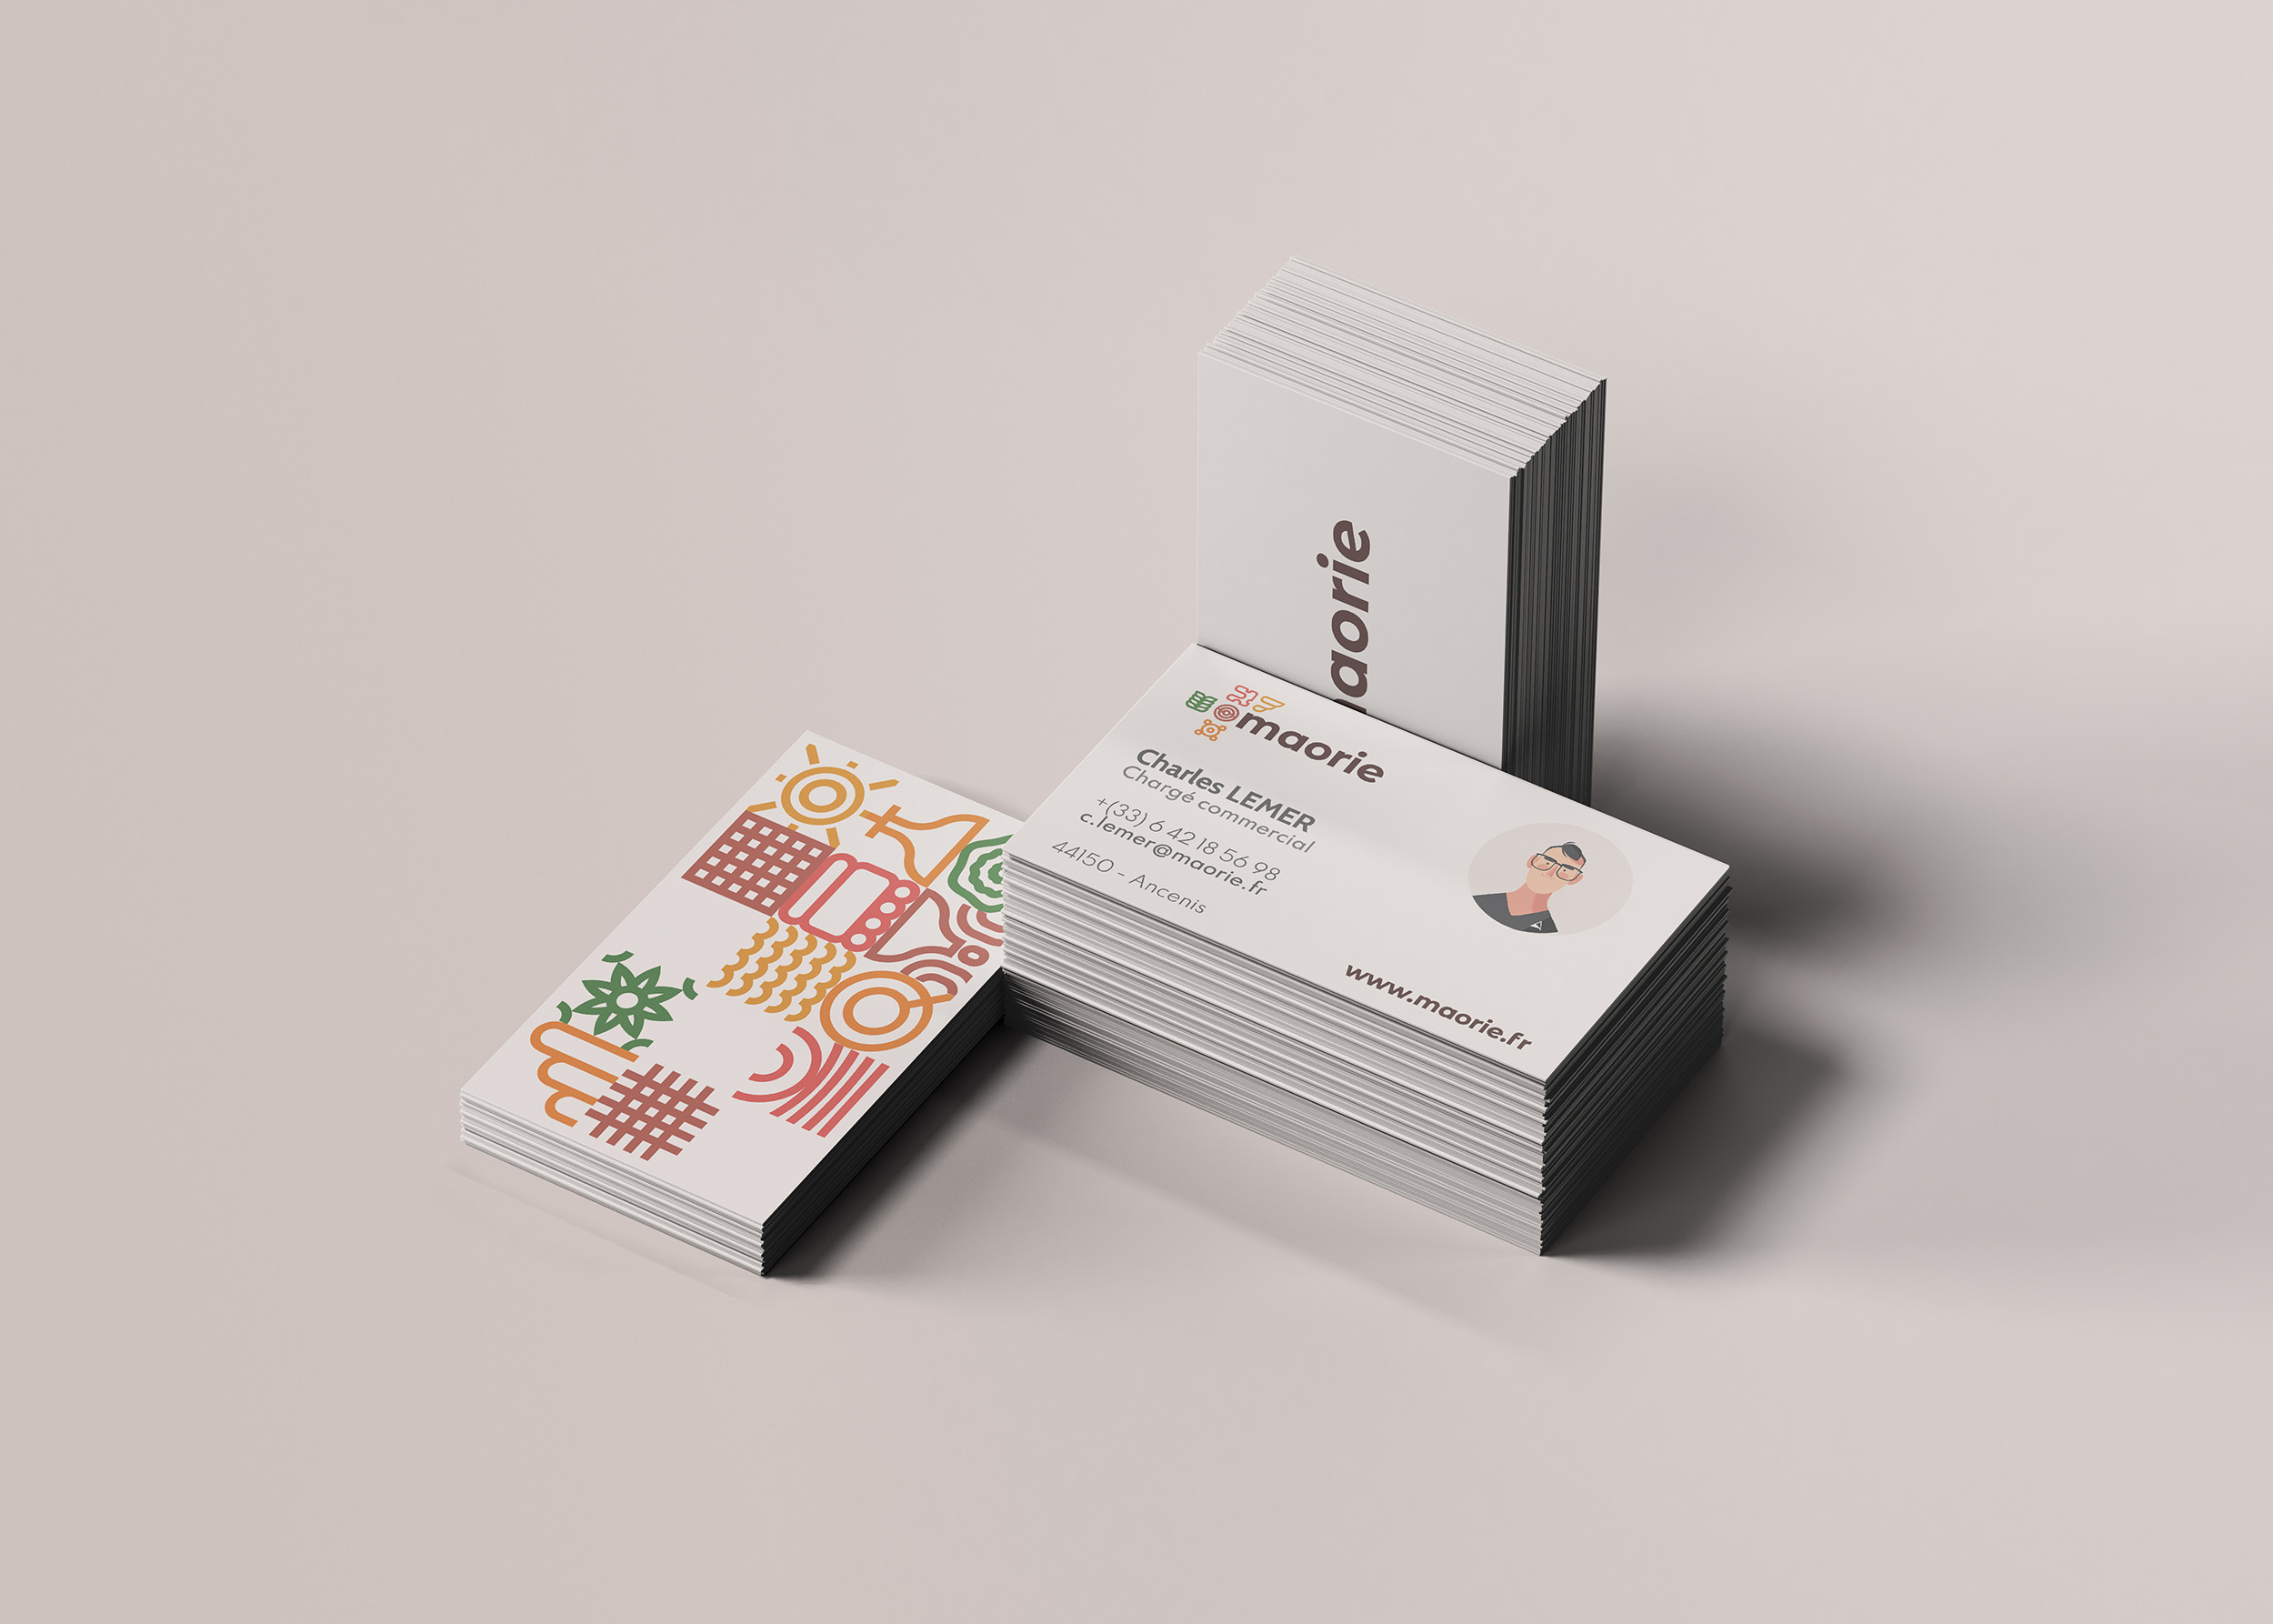 cartes de visite, papeterie, identité visuelle